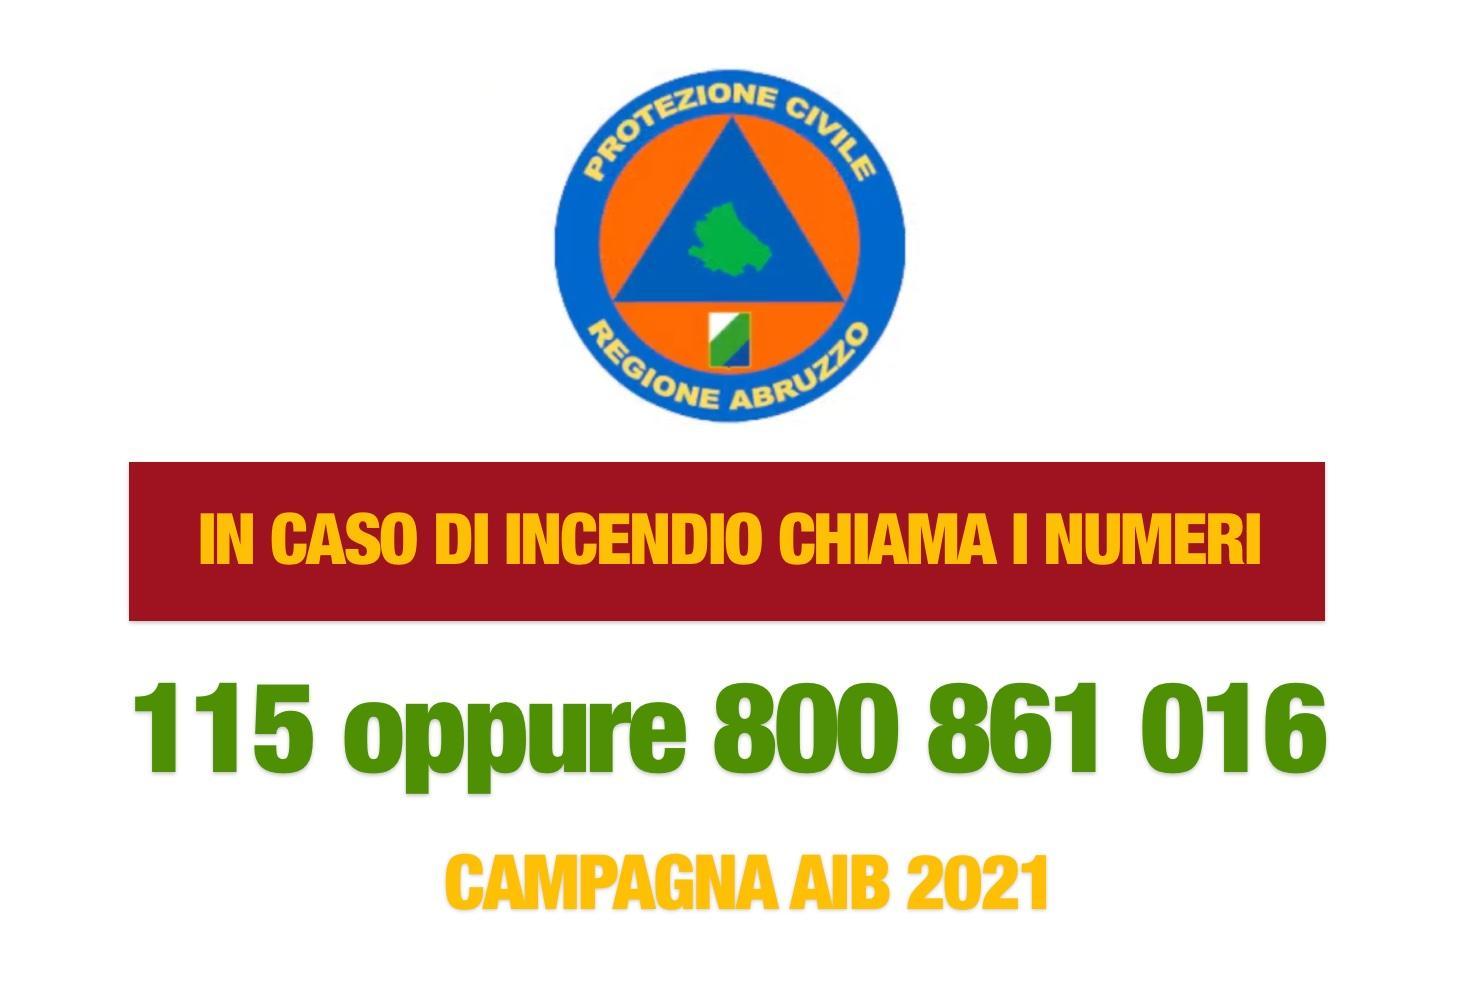 Campagna AIB 2021 - In caso di incendio chiama il 115 oppure il numero verde 800 861 016